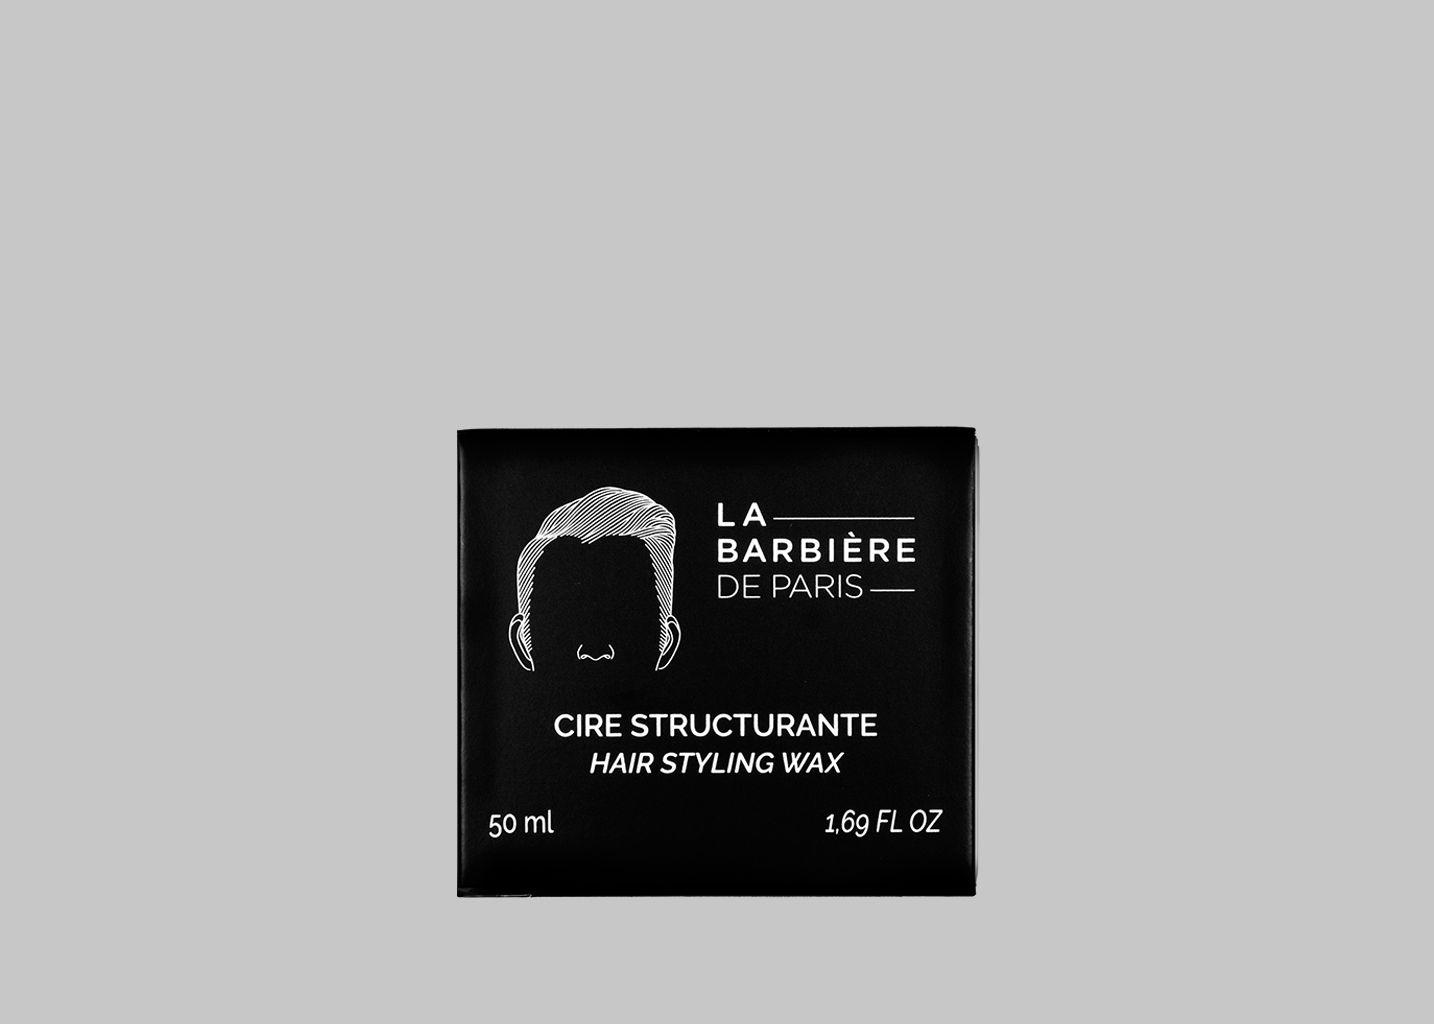 Cire Structurante - La Barbière de Paris